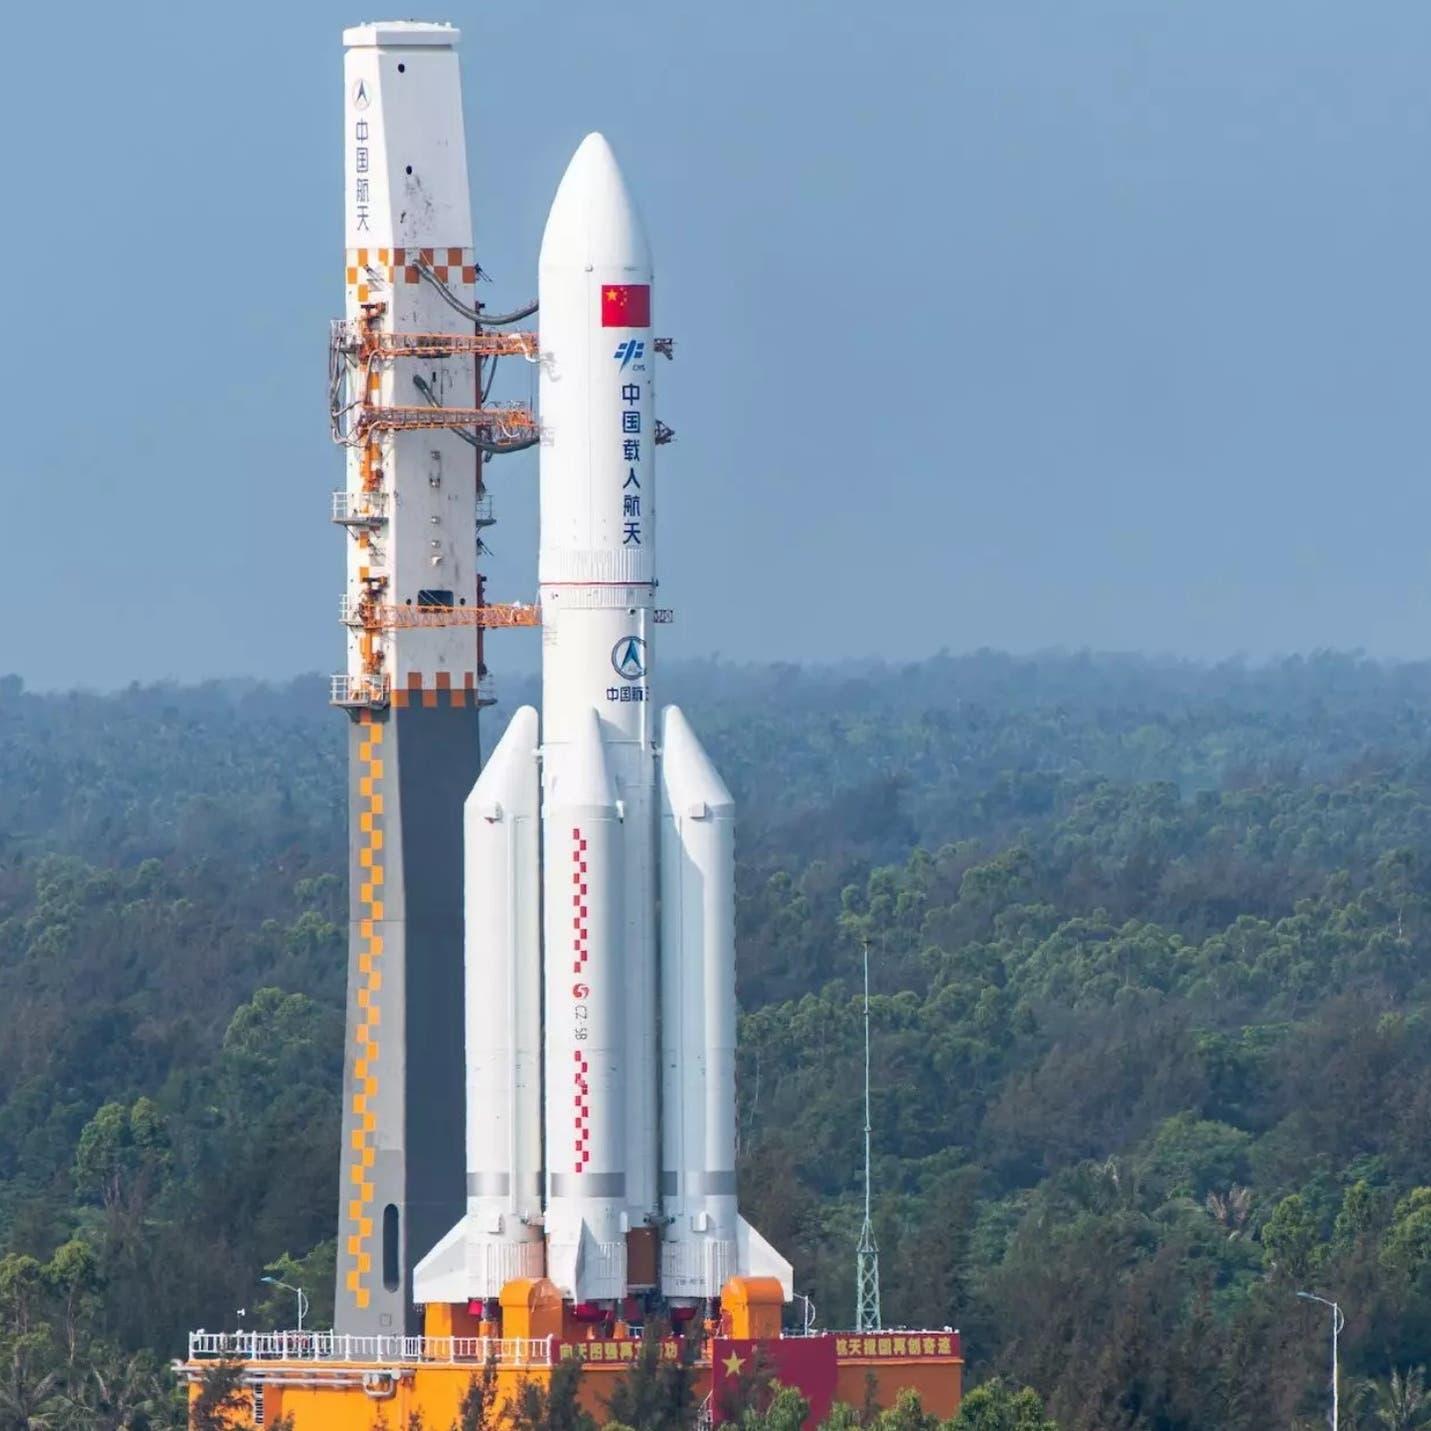 أخيراً بعد صمت طويل.. الصين تكشف عن مكان سقوط صاروخها المرعب